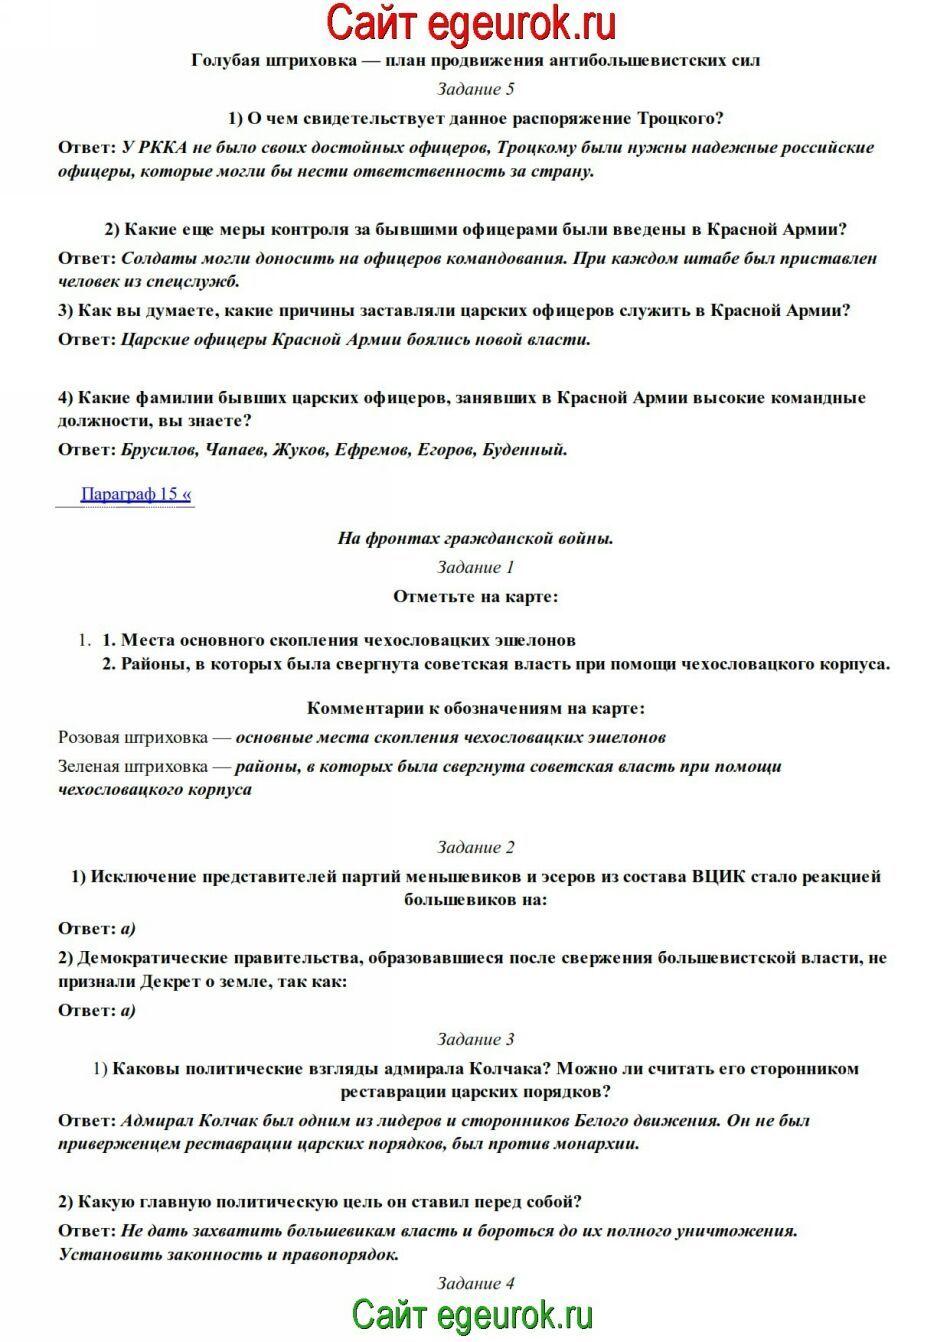 Гаврусейко проверочные работы по неорганической химии 8 класс гдз